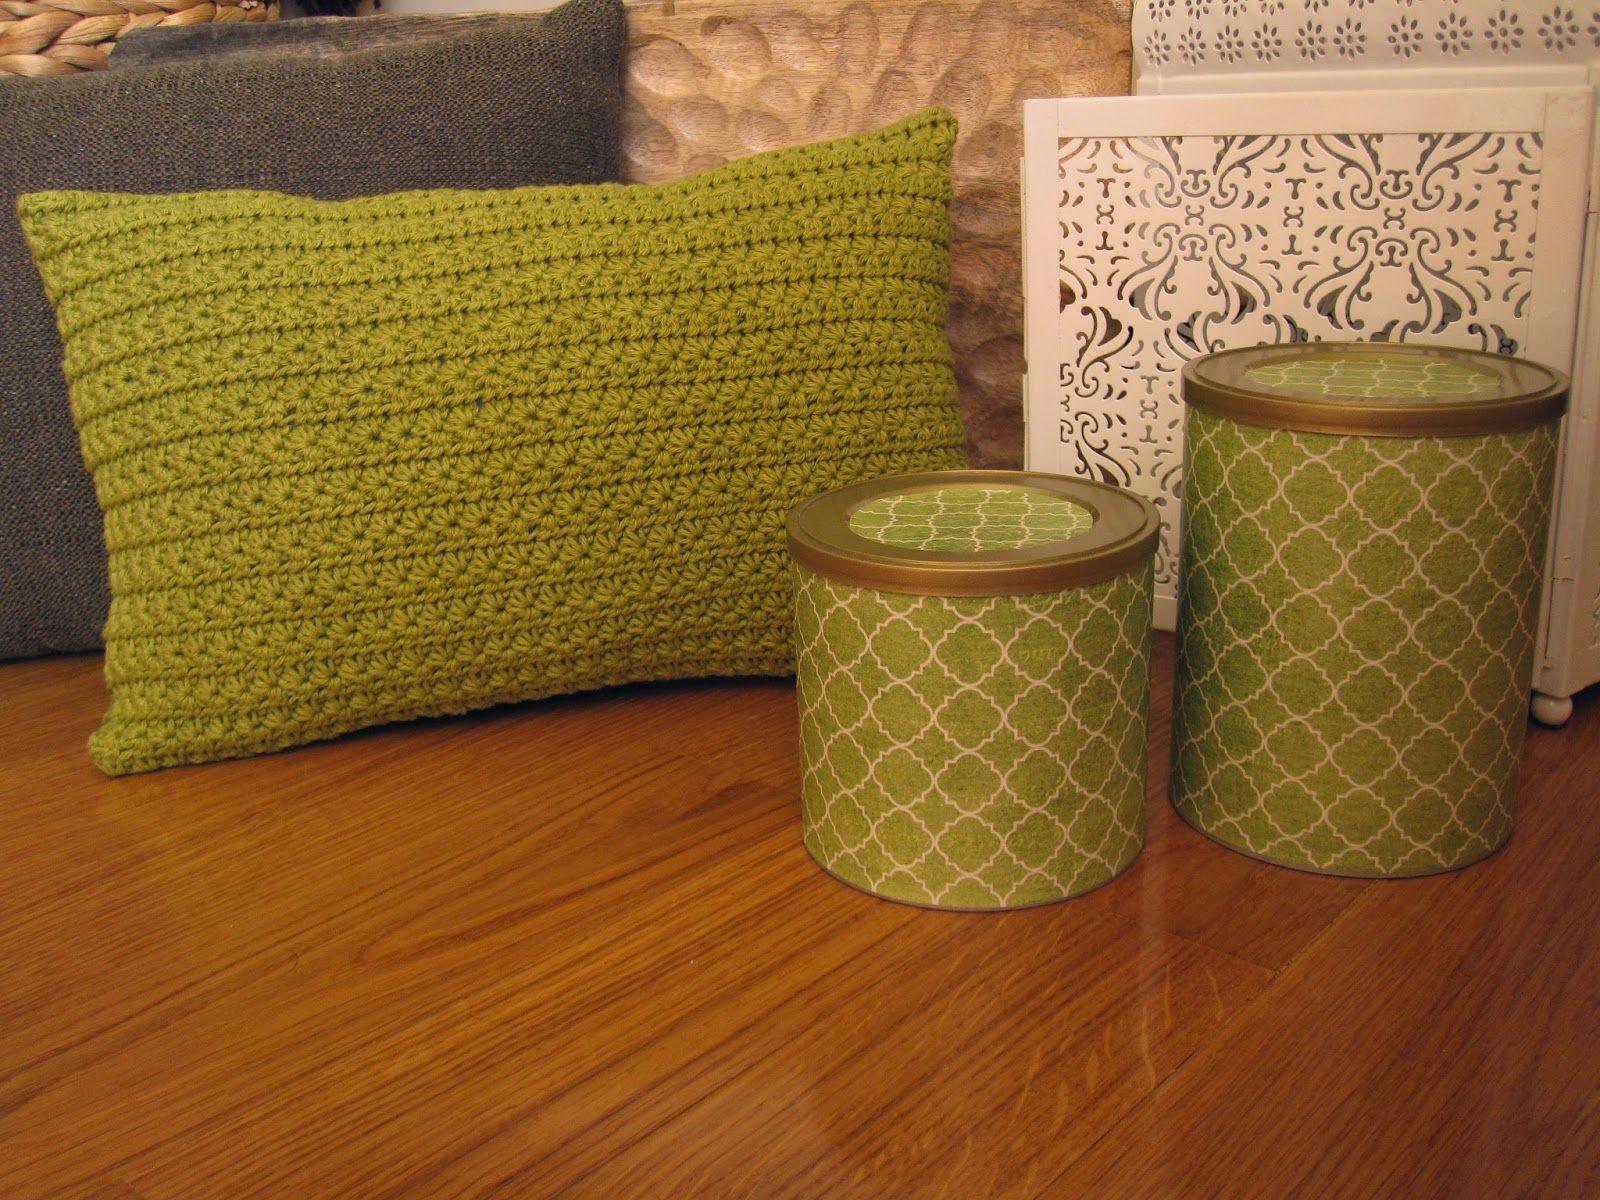 Novidade: Almofada em crochet, não ficou linda? ;) e claro caixas recicladas a condizer.